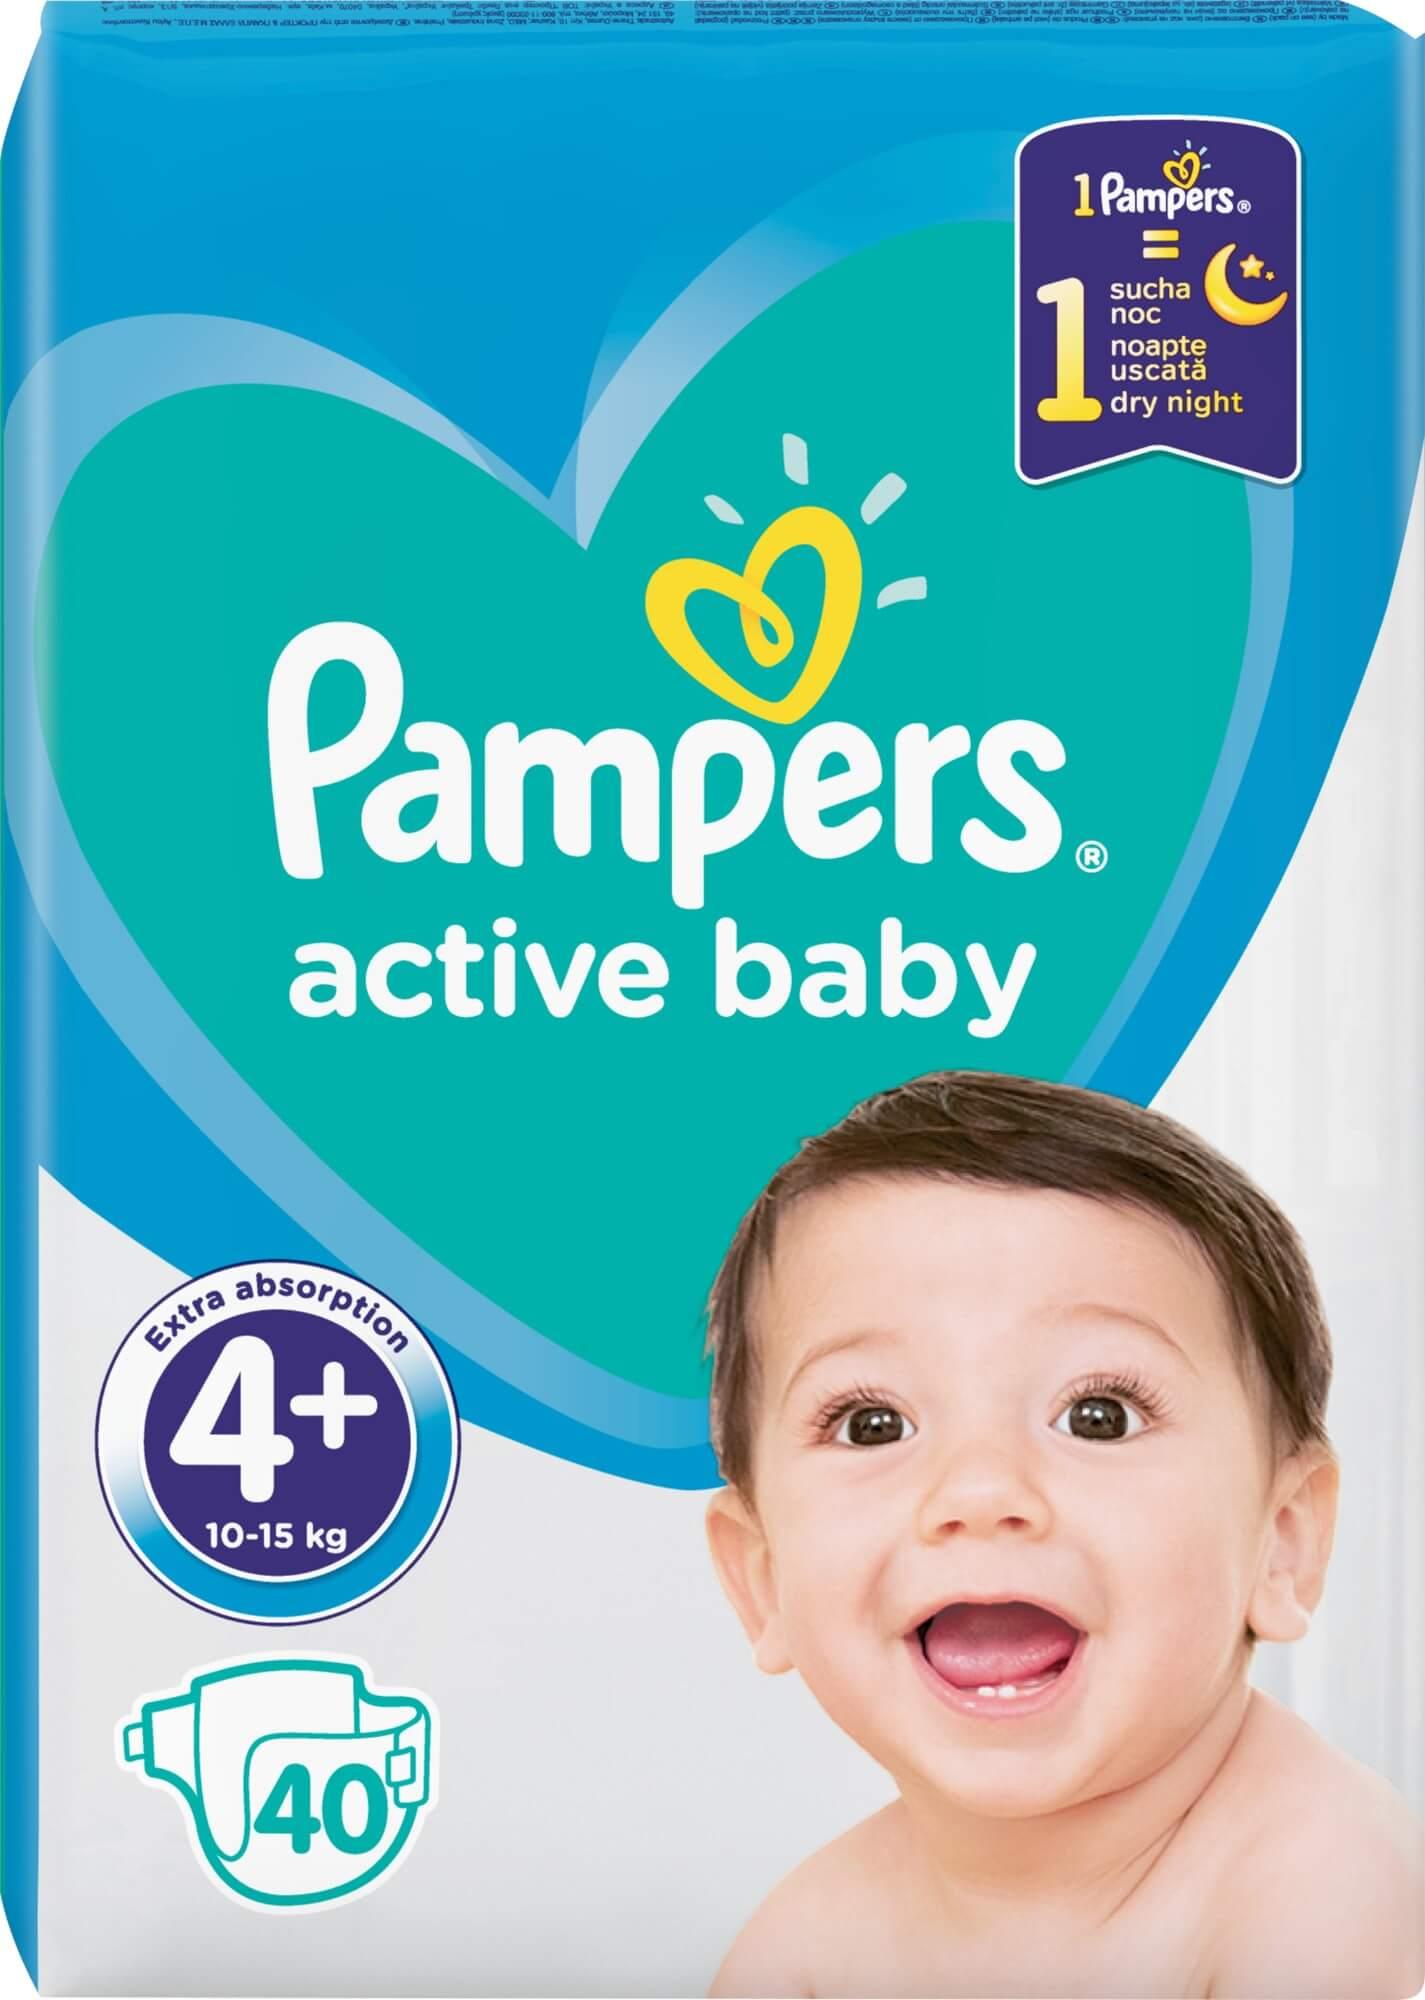 PAMPERS Active Baby 4+ detské plienky (10-15kg) 40ks